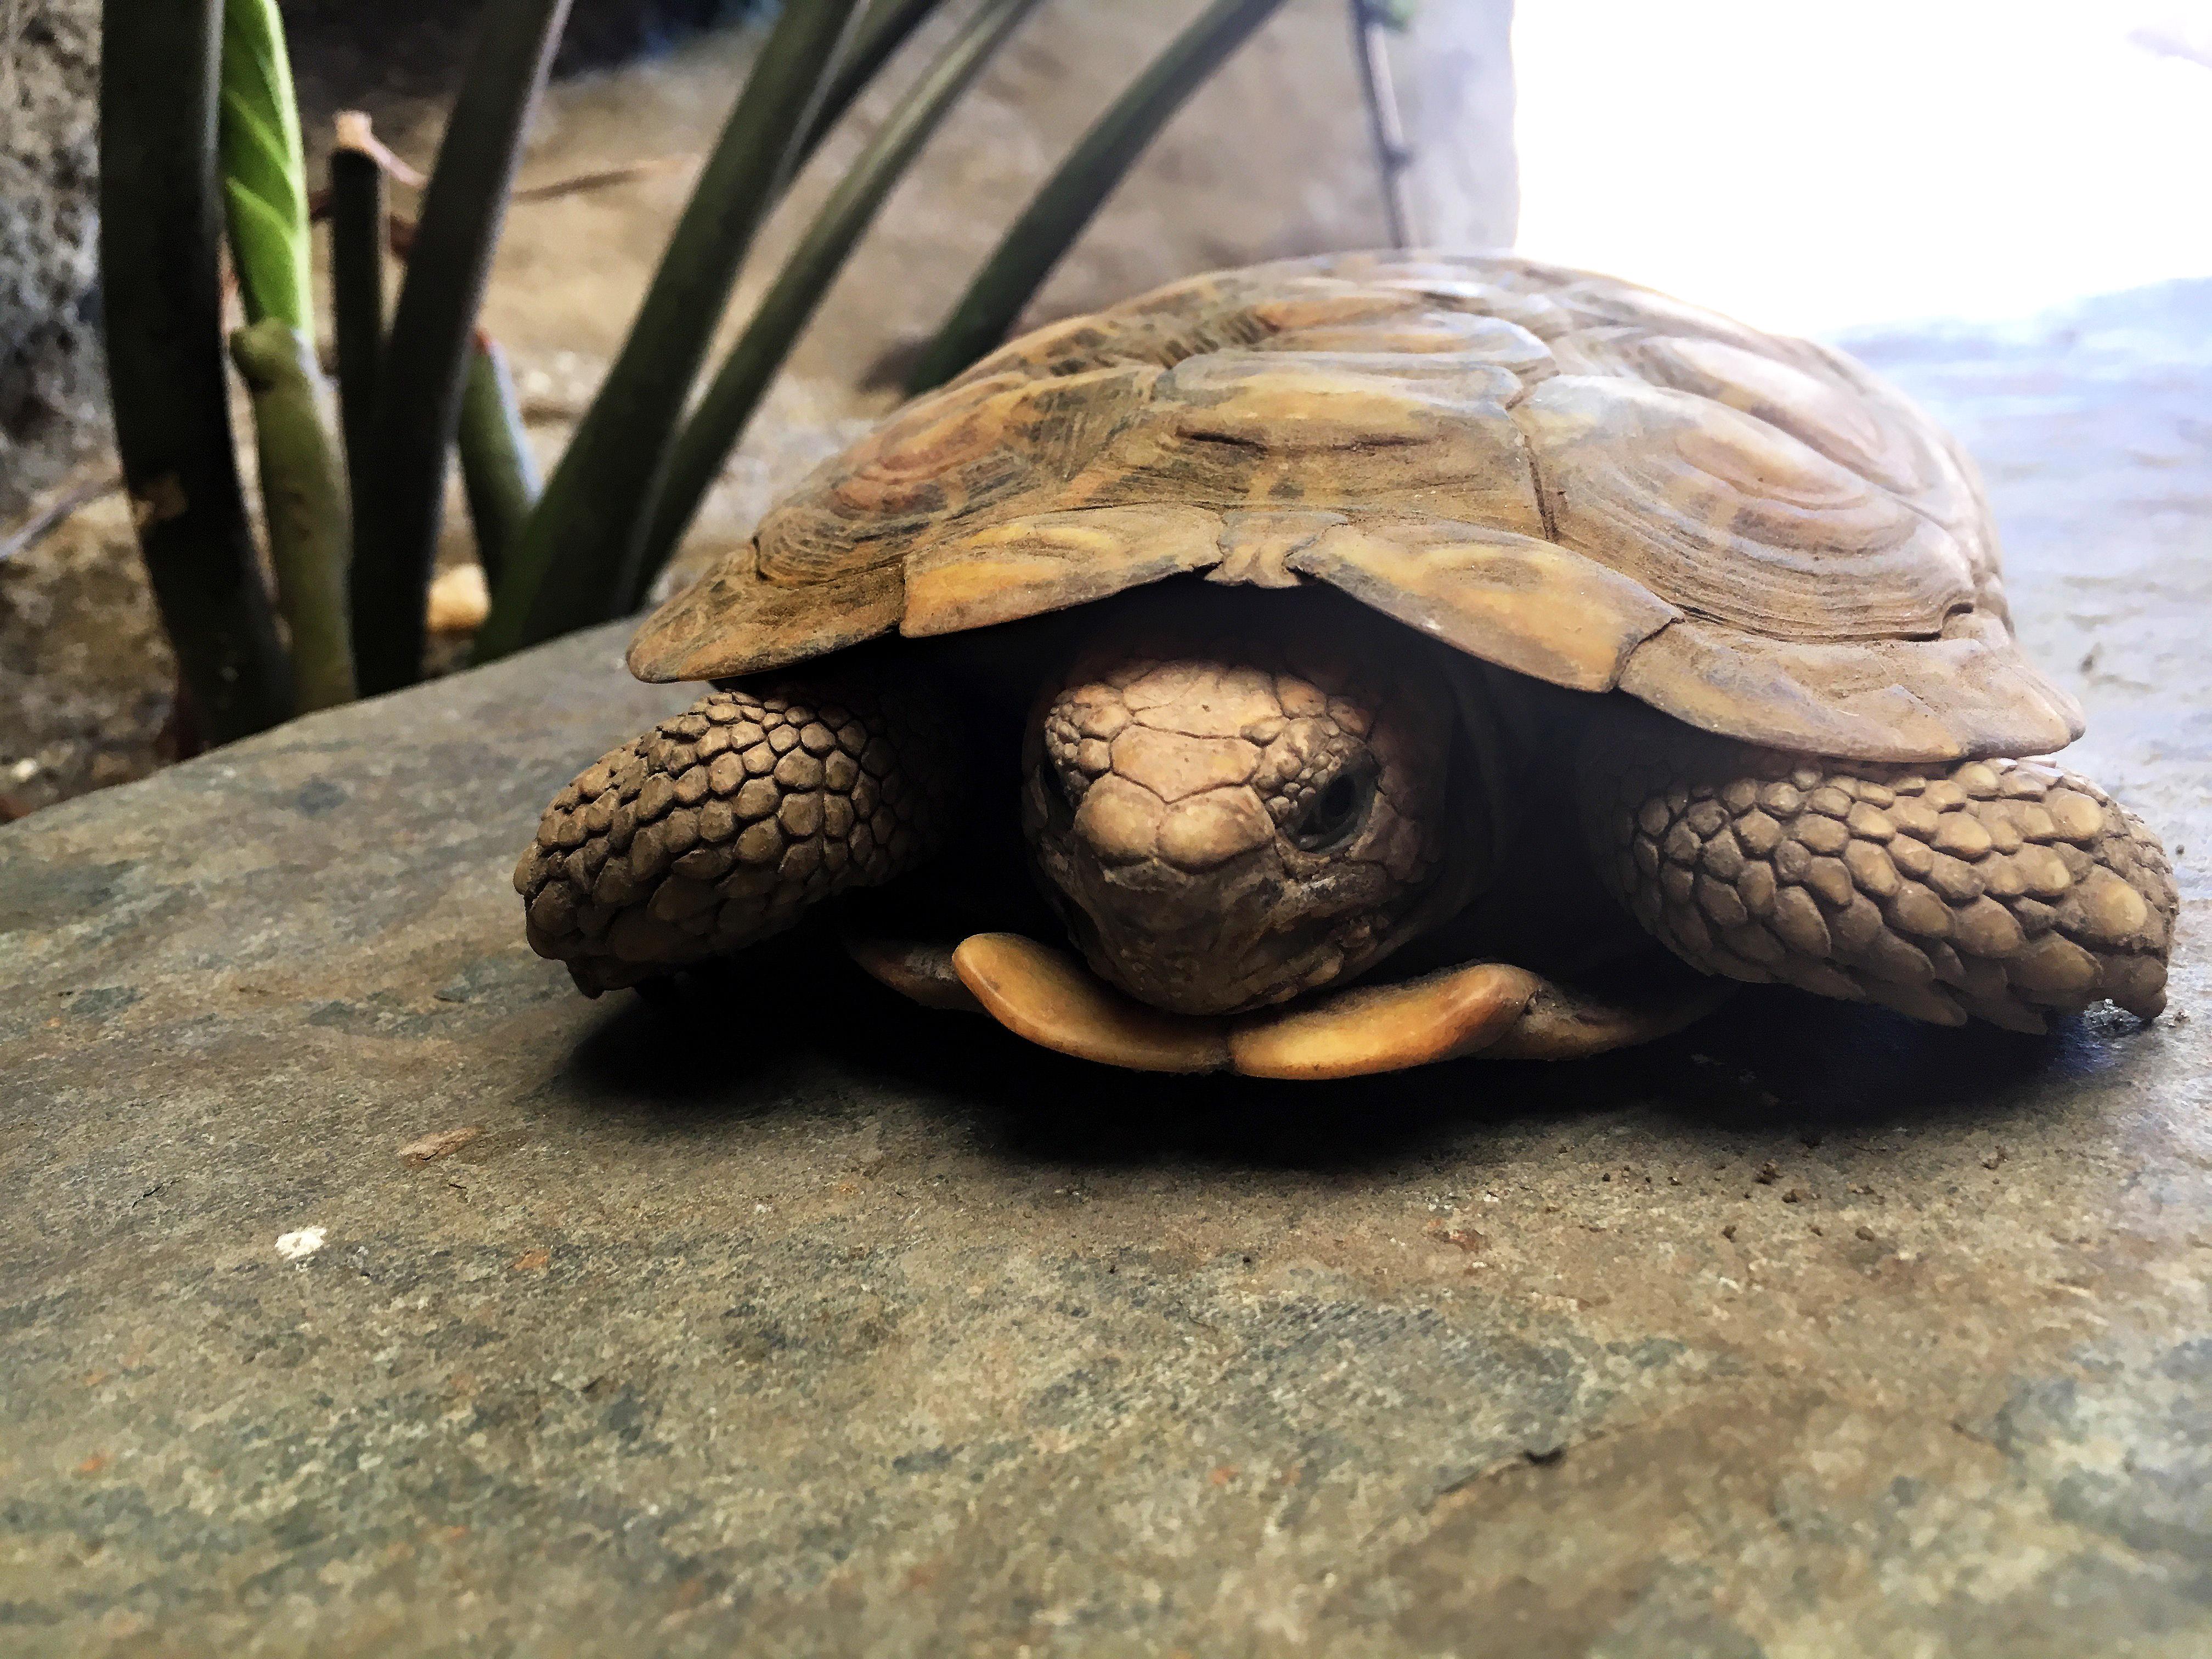 up-close shot of pancake tortoise on rock surface